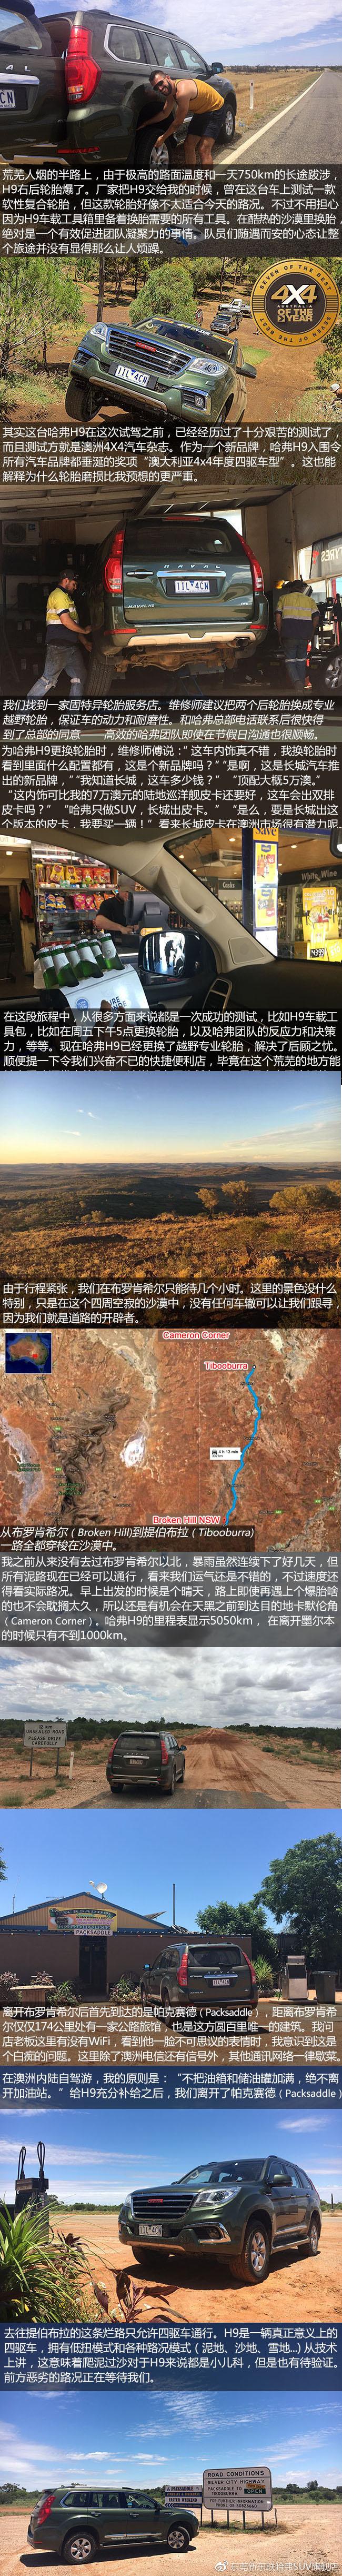 荒漠起舞 哈弗H9澳洲内陆探险之旅 (上)